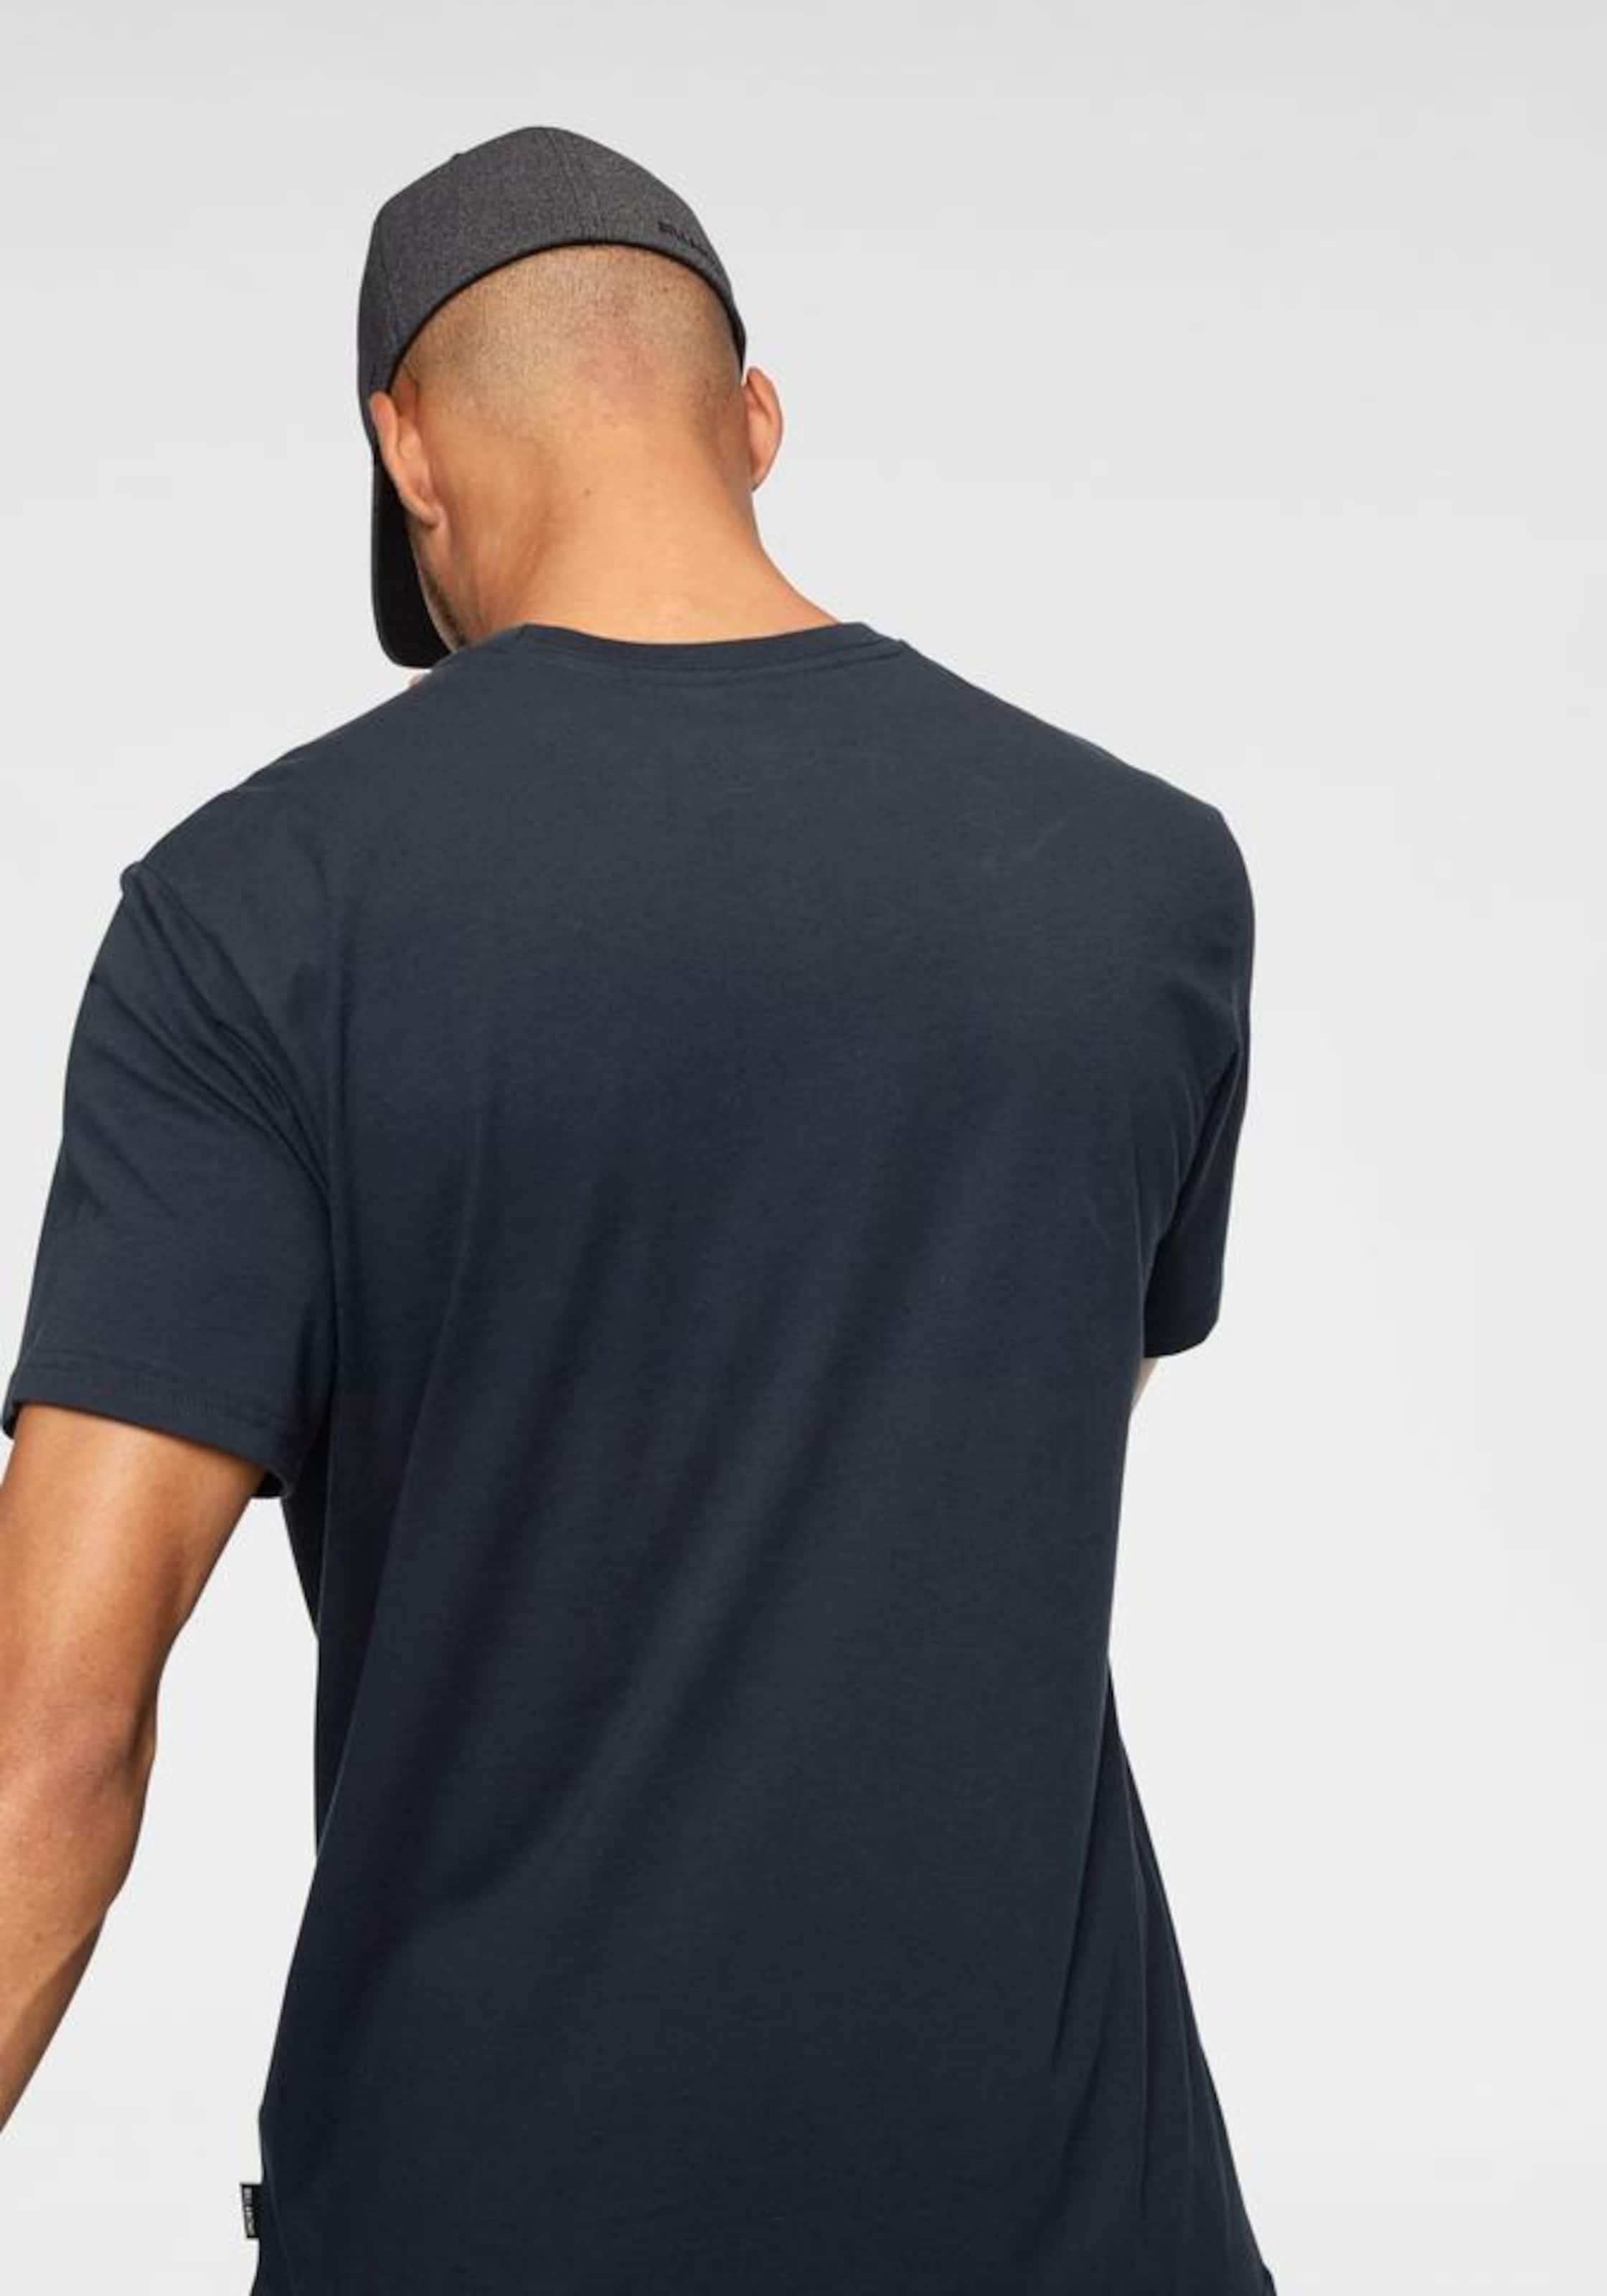 In Pastellrot Hellblau Tee shirt T Billabong Ss' Weiß 'unity MarineRauchblau c5RL4Sj3qA